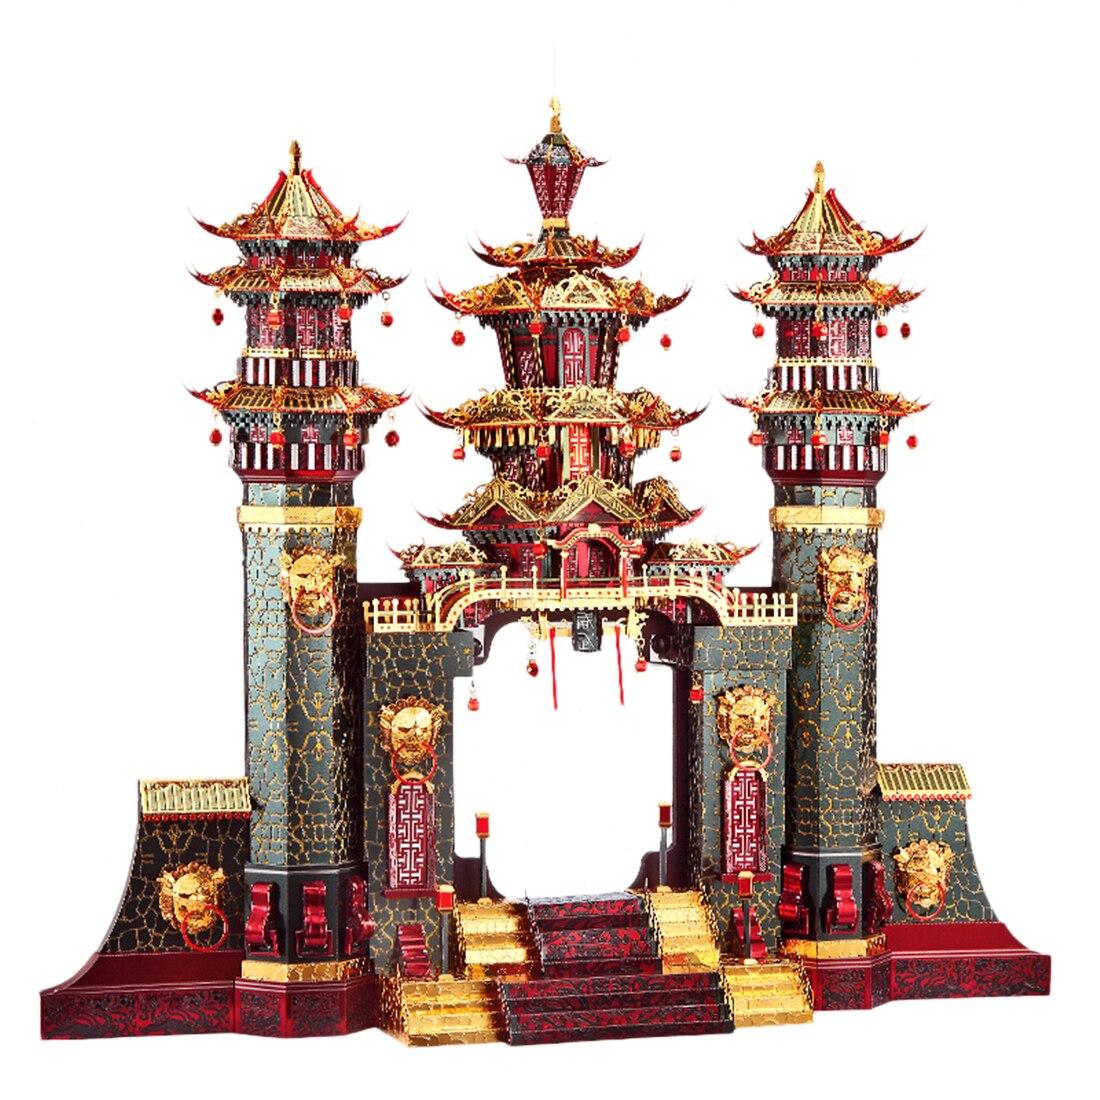 Архитектурная серия Южные ворота , модель, наборы, сделай сам, 3D металлические пазлы, сборная головоломка, игрушка, модель, обучающая игрушка, подарок для детей и взрослых